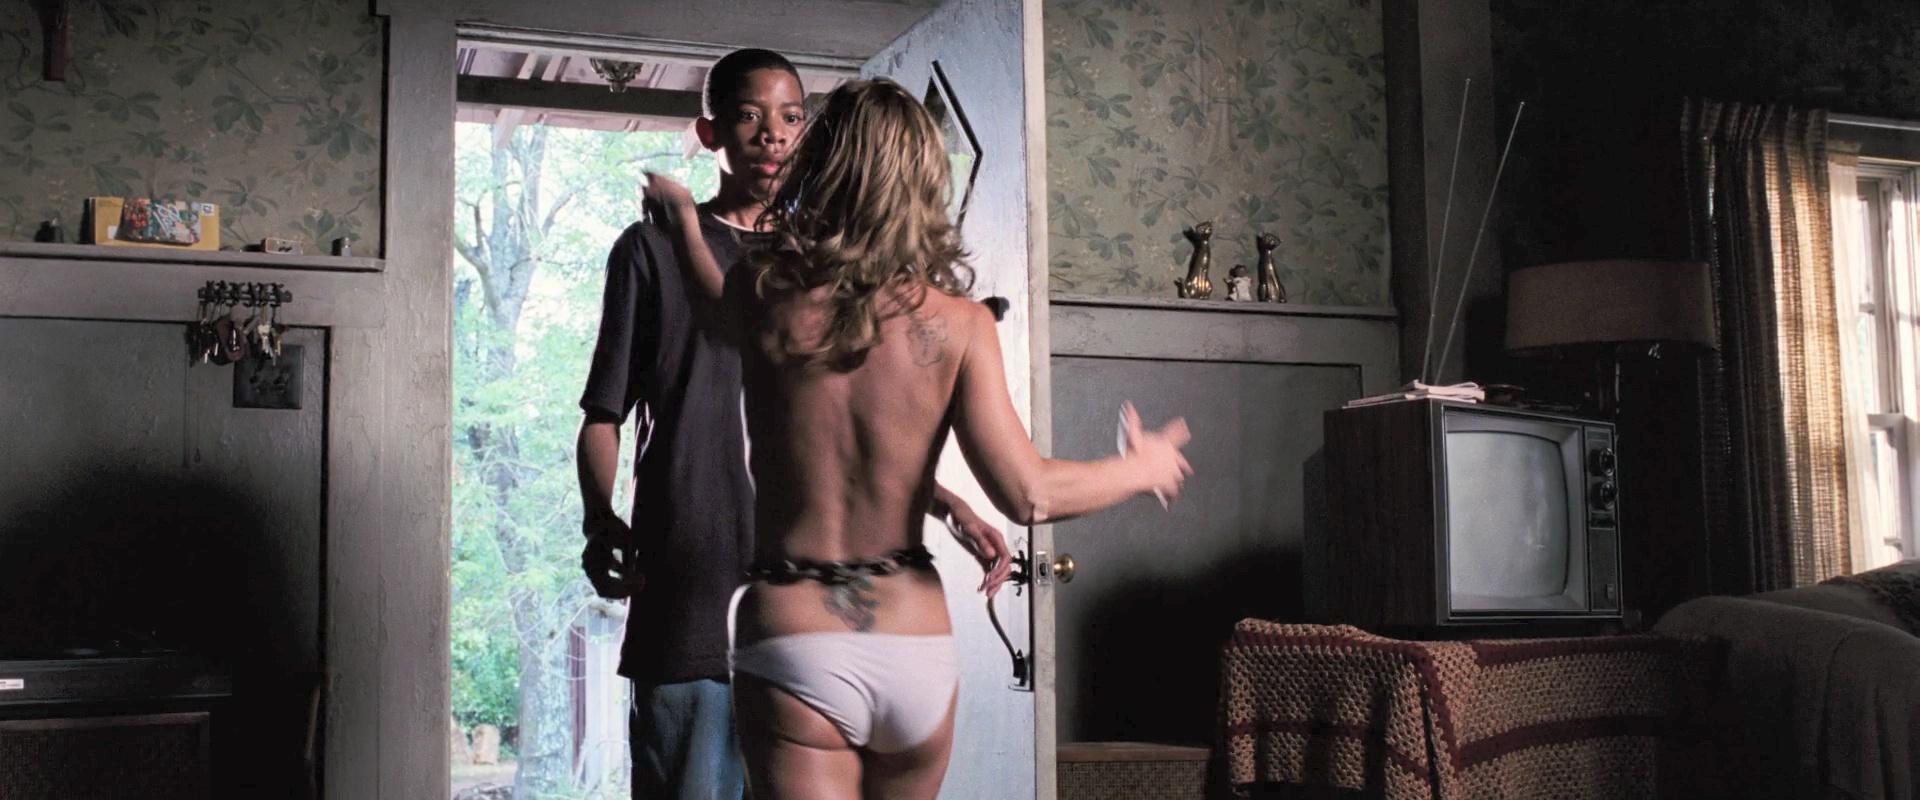 Christina Moore desnuda Imágenes, vídeos y